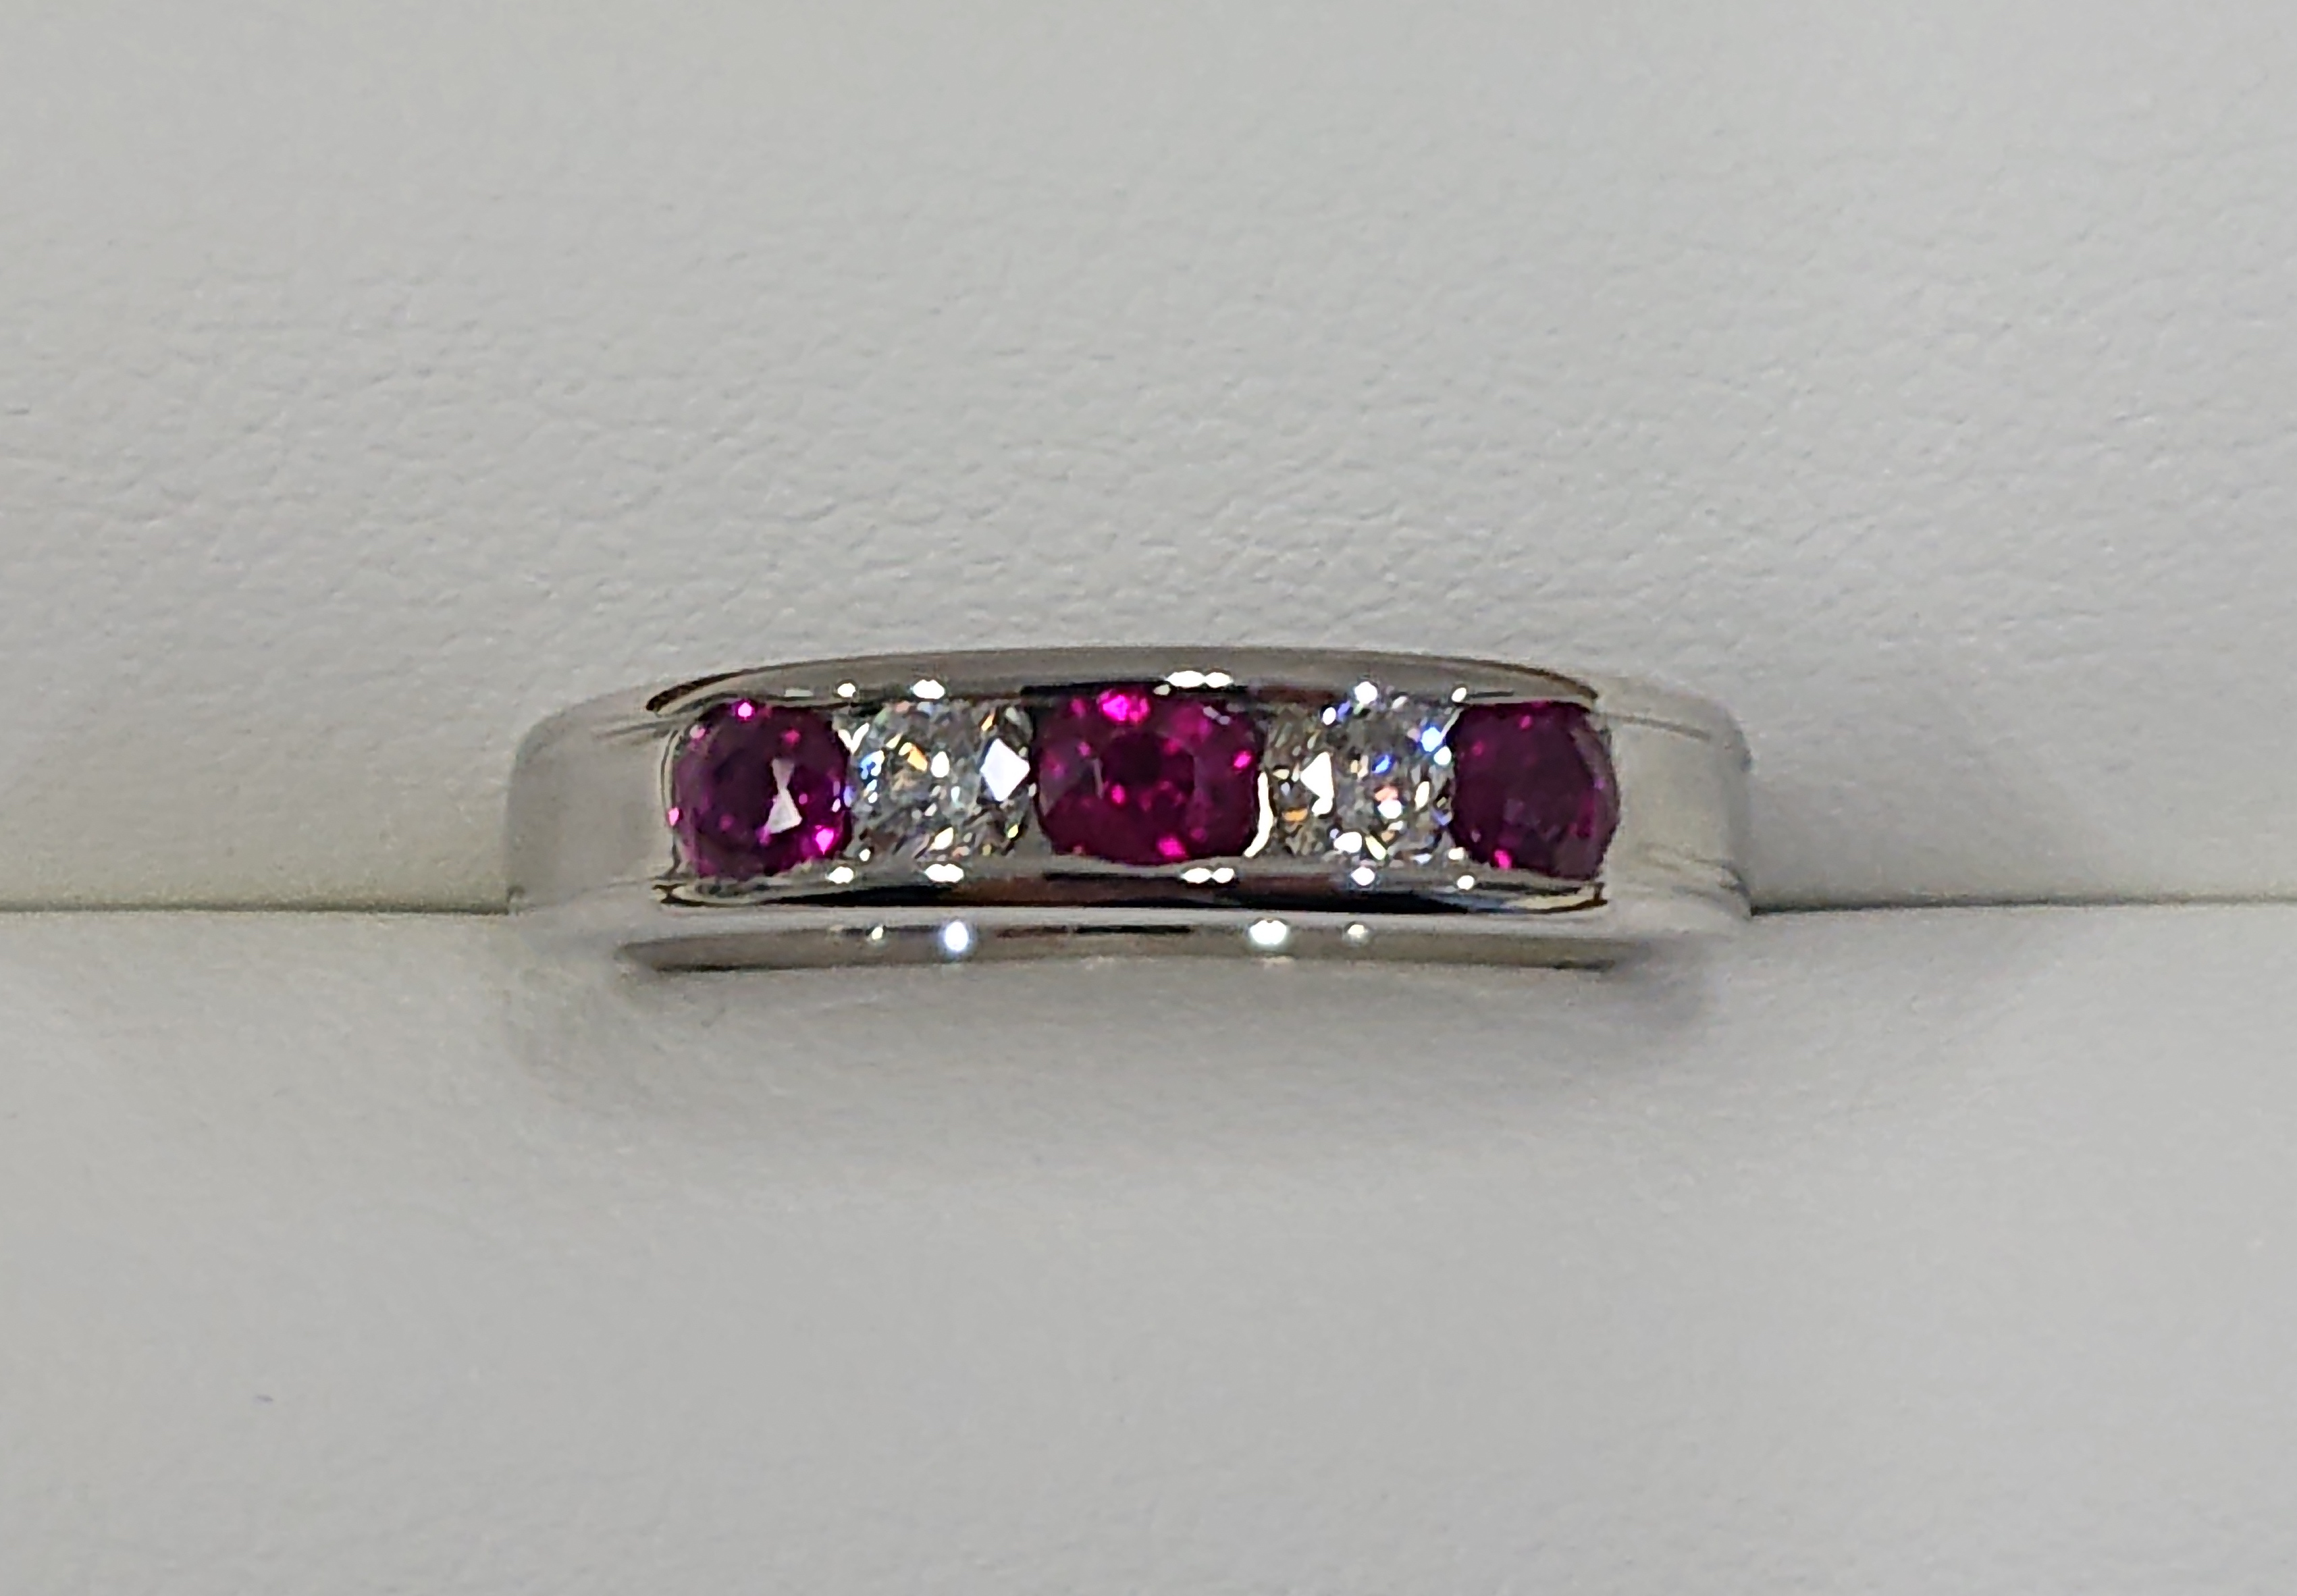 お母さまの指輪を家族で受け継ぐジュエリーに